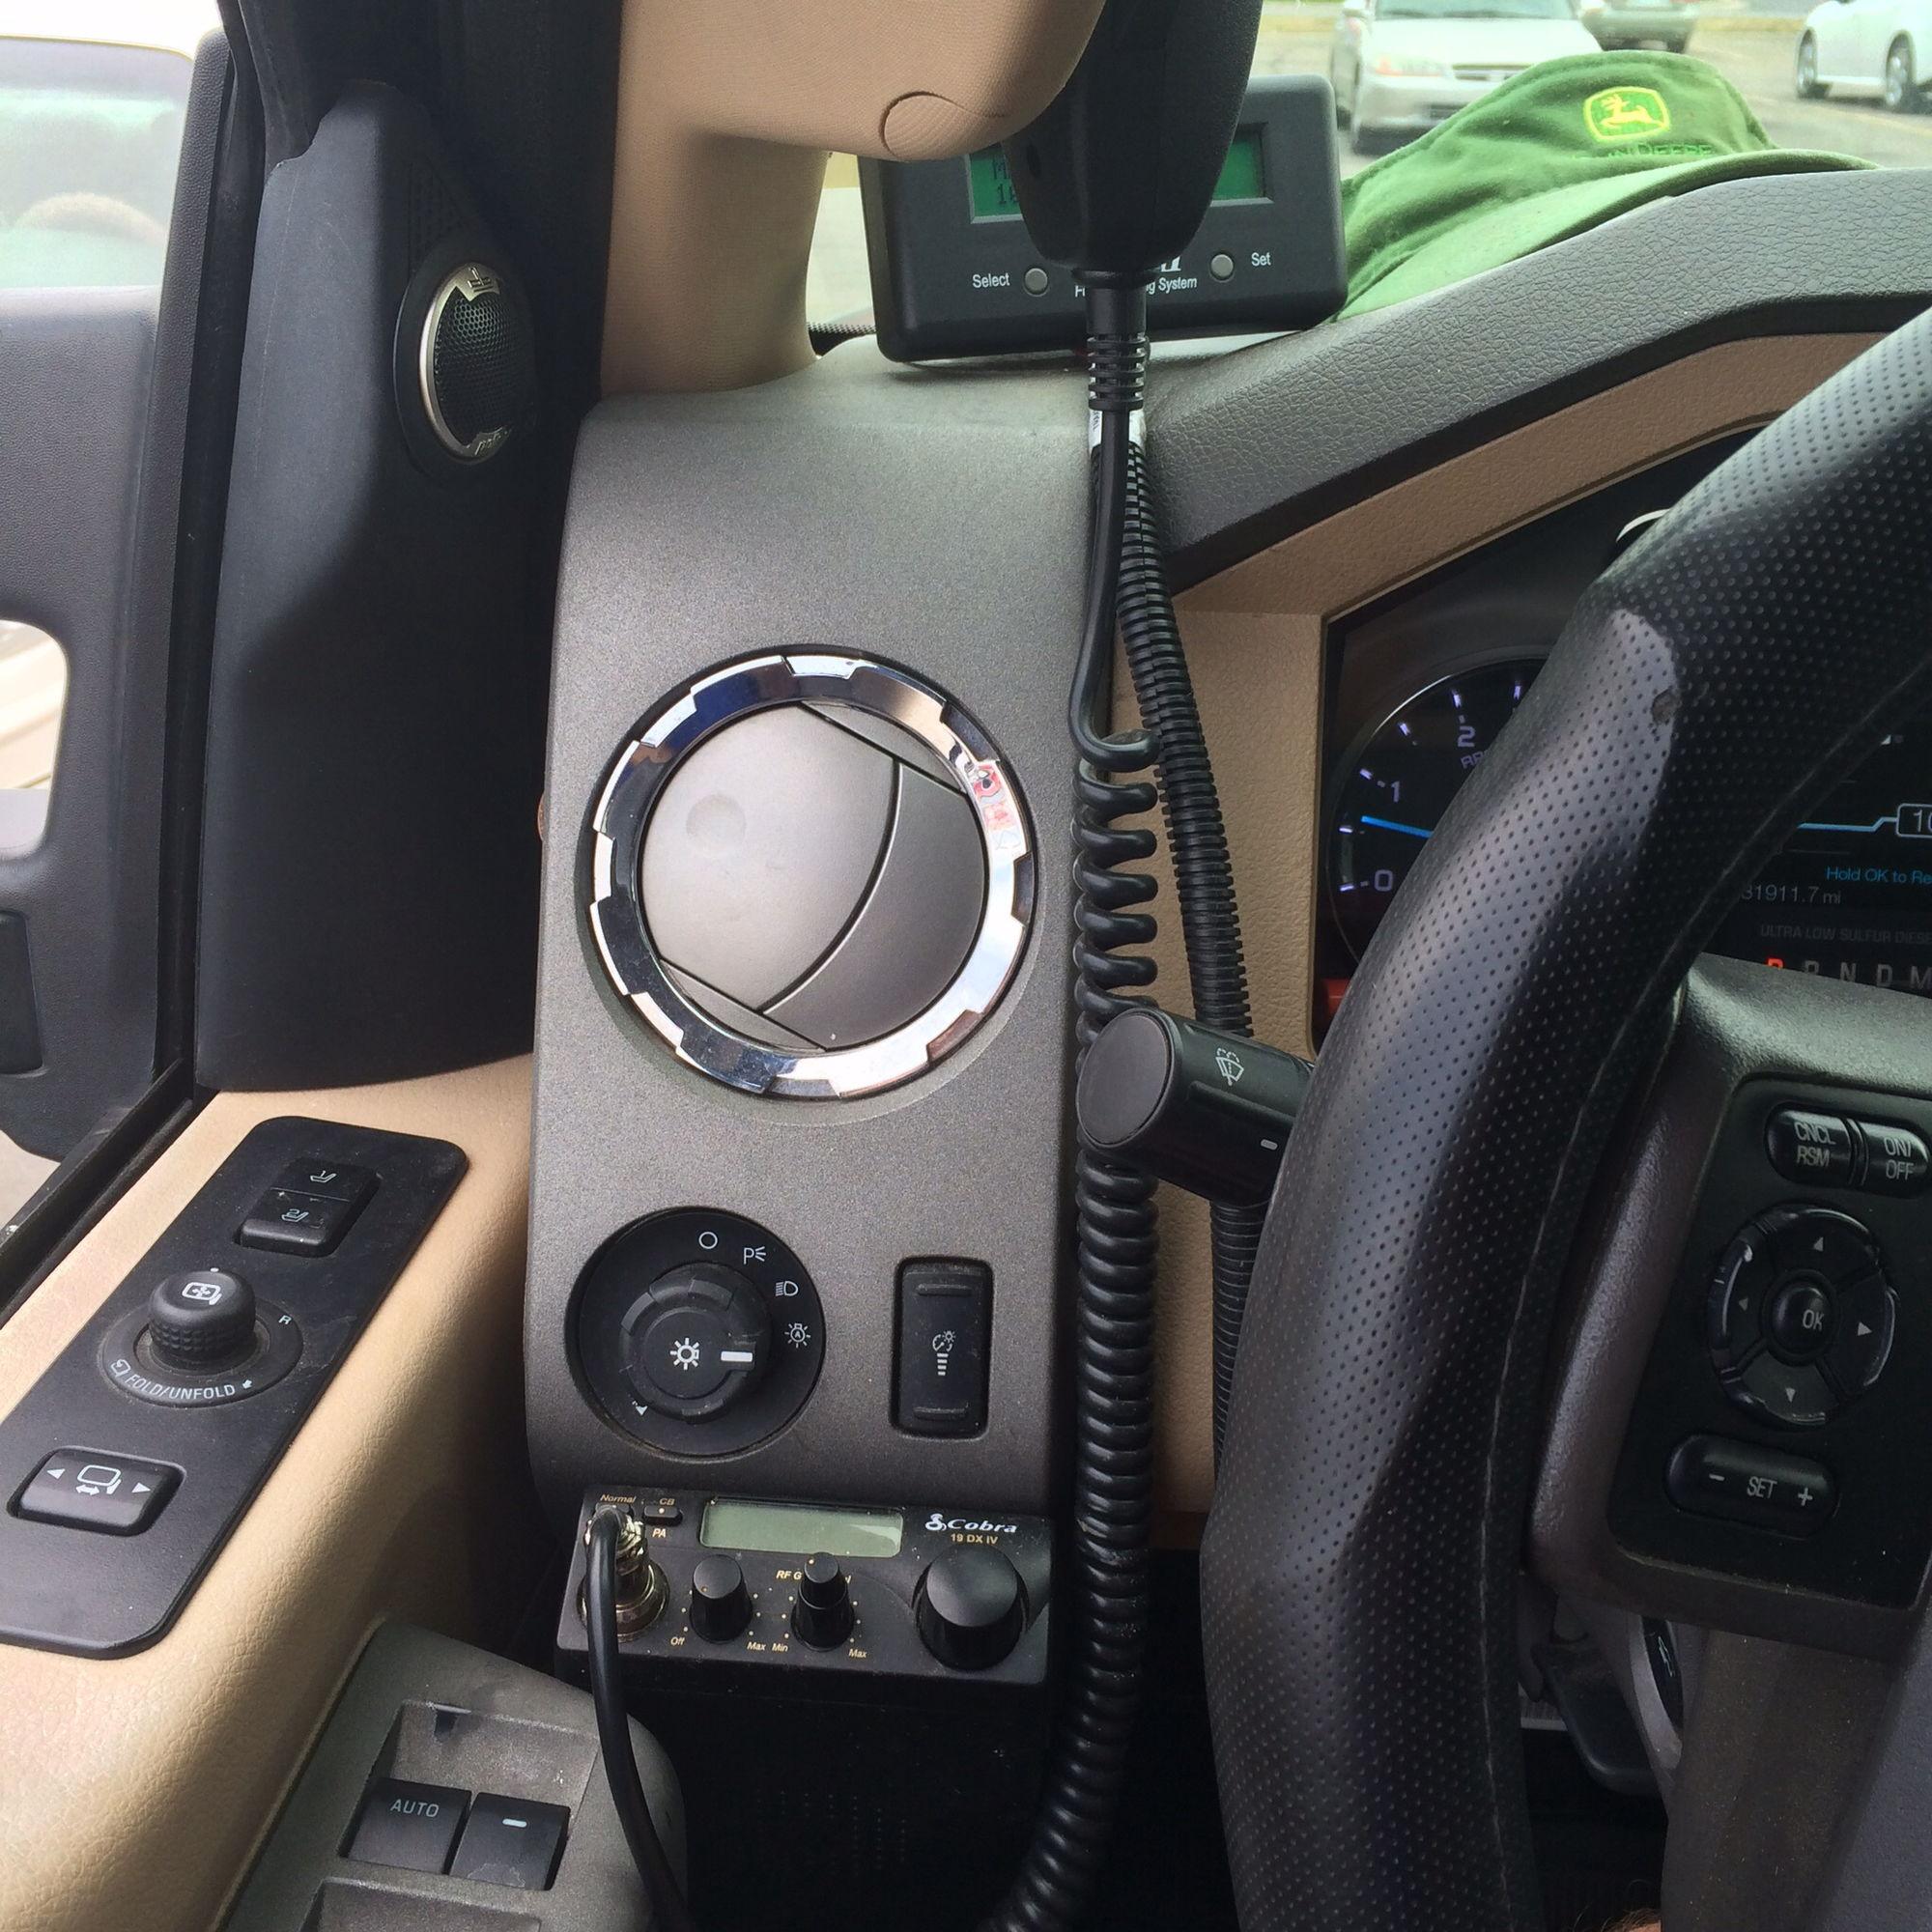 Image D B D Ea Ed E E Cac E Ea Bc on 2000 Chevy Blazer Radio